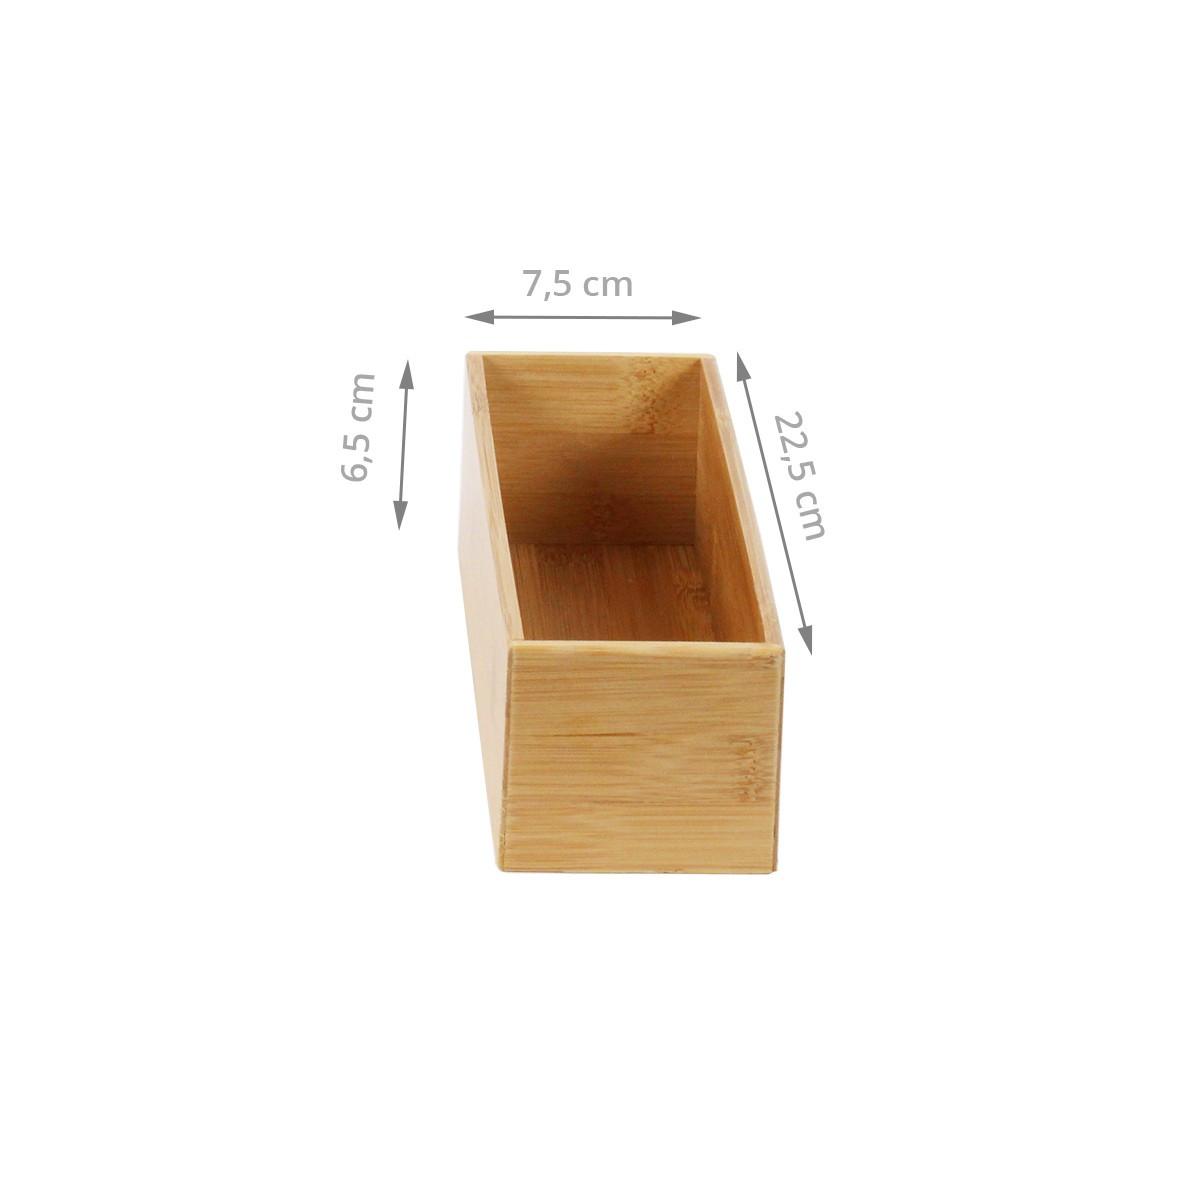 Bac en bambou organisation tiroirs cuisine - Organisateur de tiroir cuisine ...